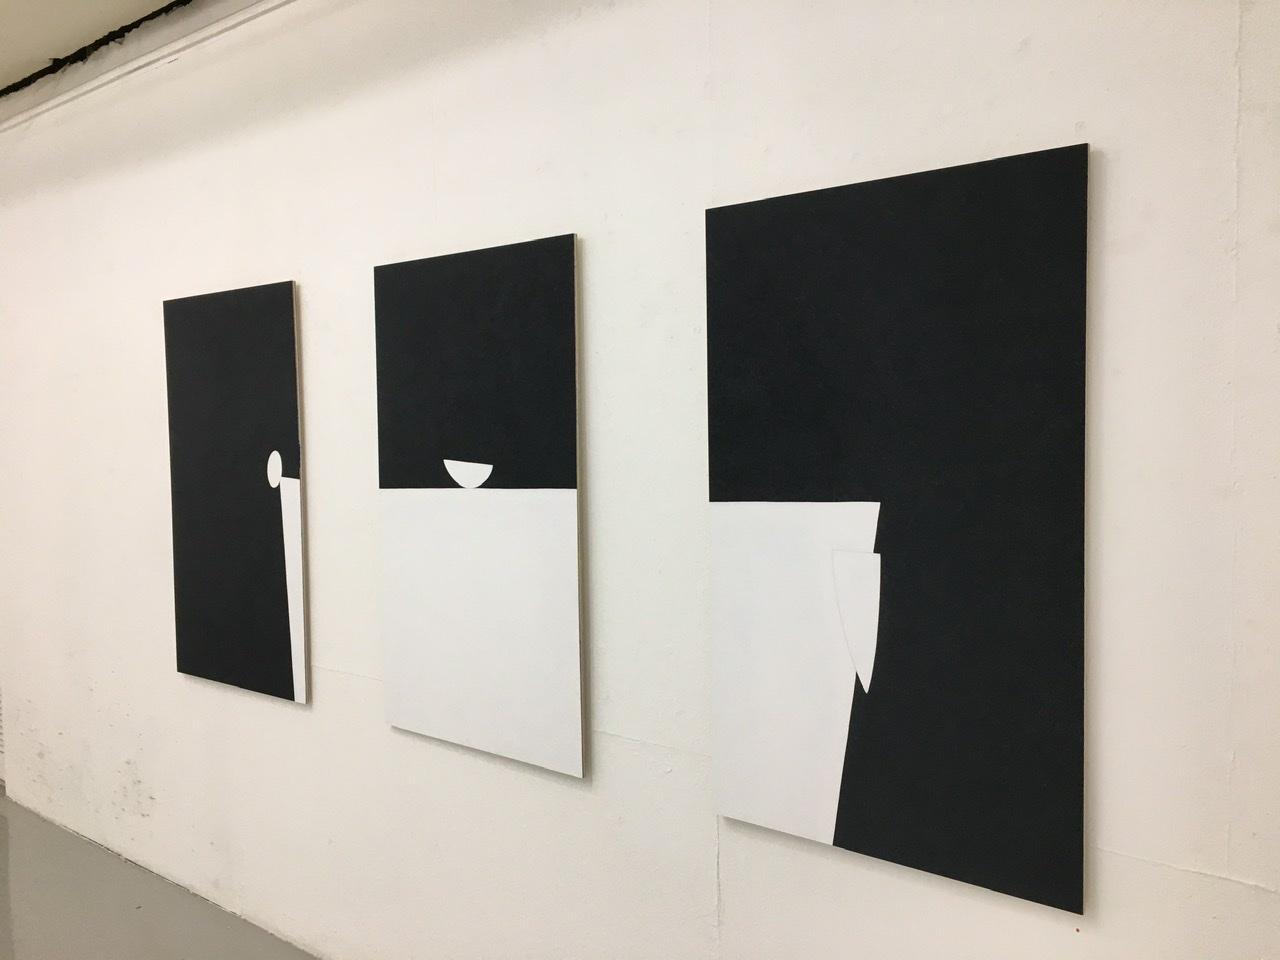 五月女哲平展「燃え湿るかたち」/Teppei SOUTOME exhibition_d0271004_23583906.jpeg